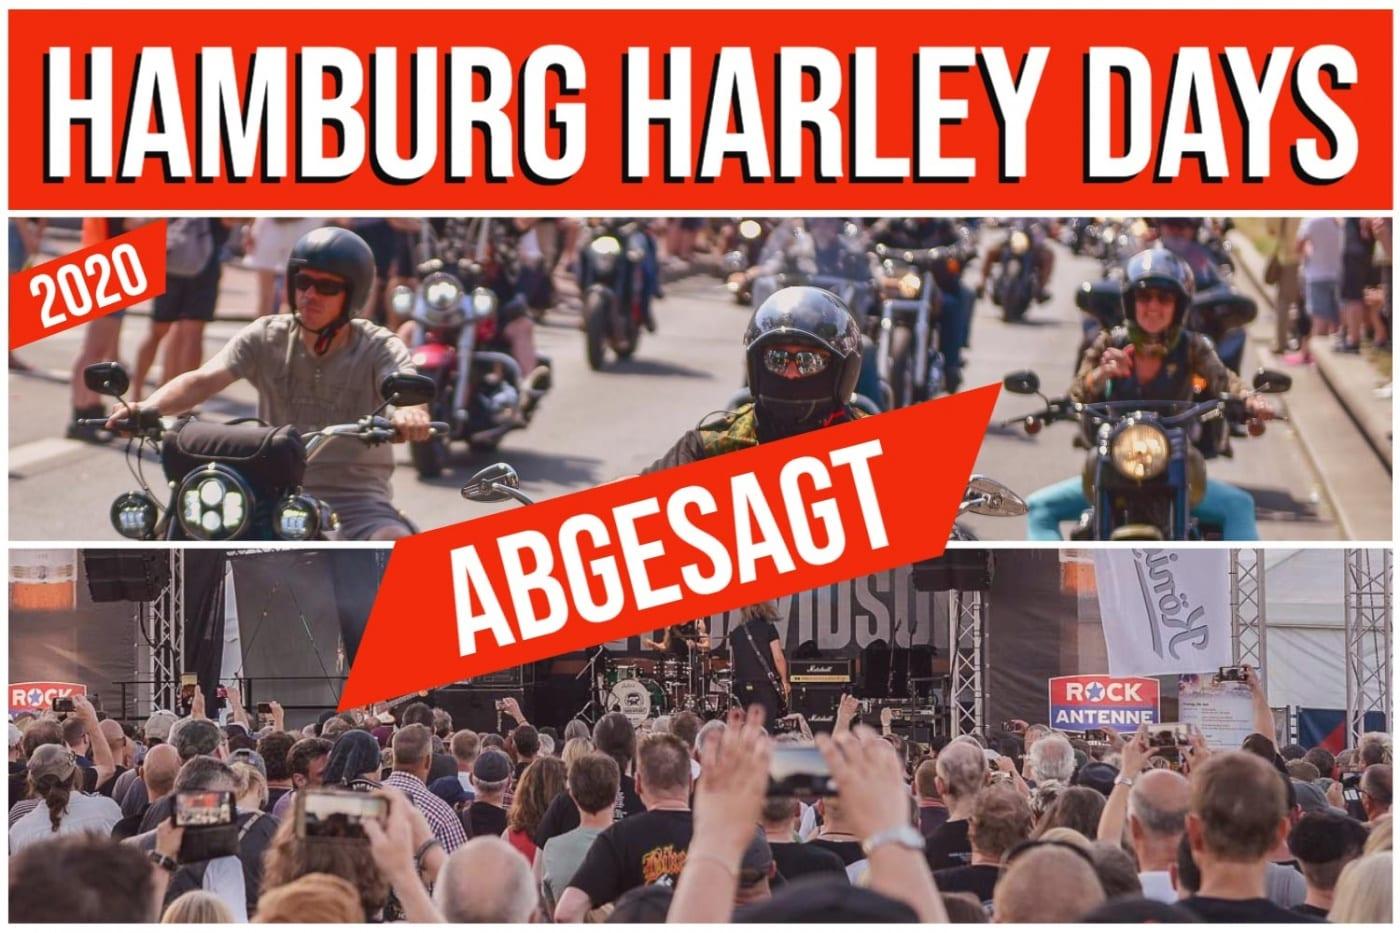 ABGESAGT Hamburg Harley Days Event 2020